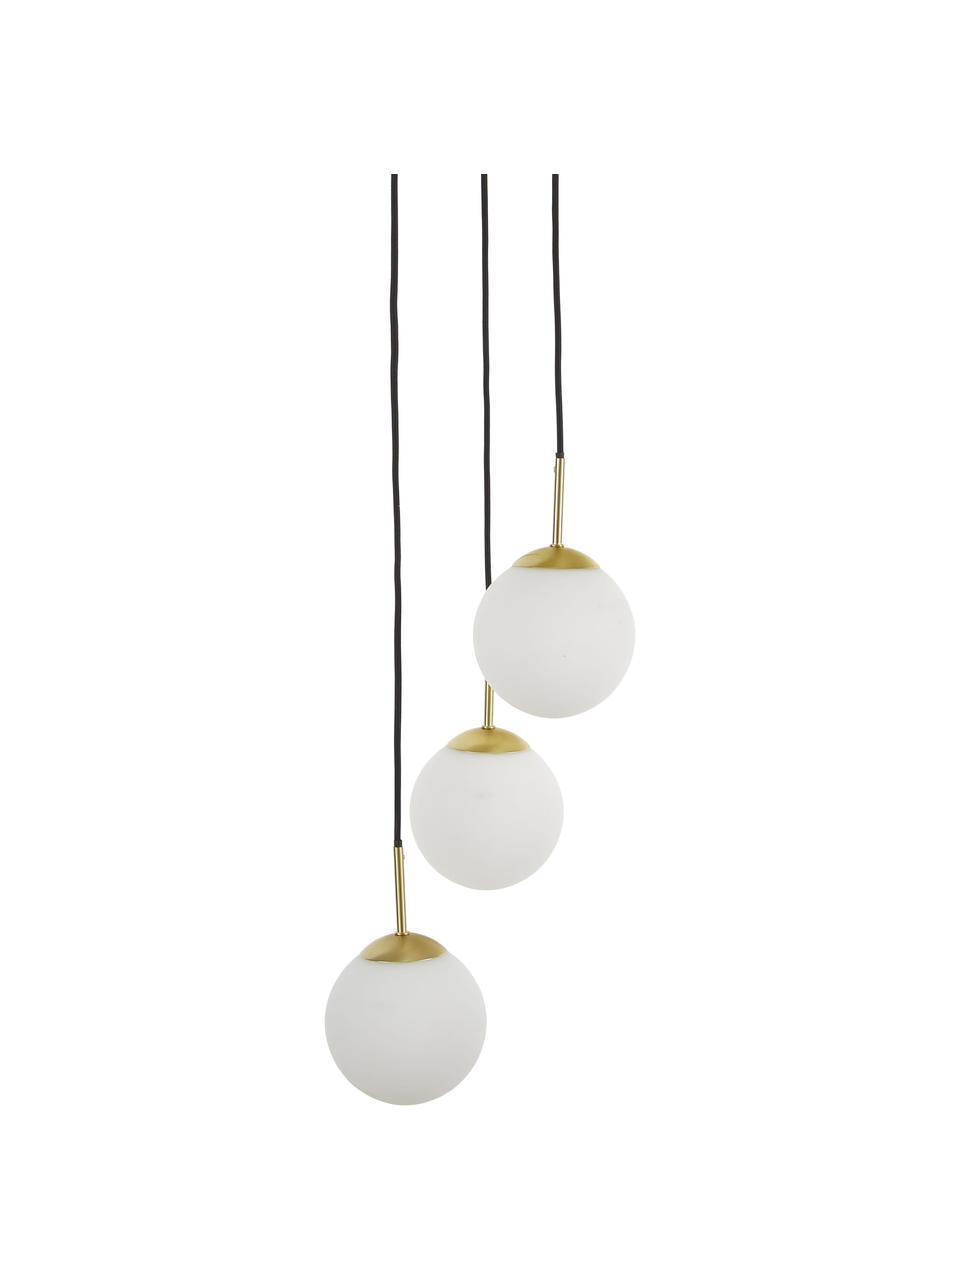 Lampa wisząca ze szkła opalowego Edie, Biały, mosiądz, S 30 x G 30 cm